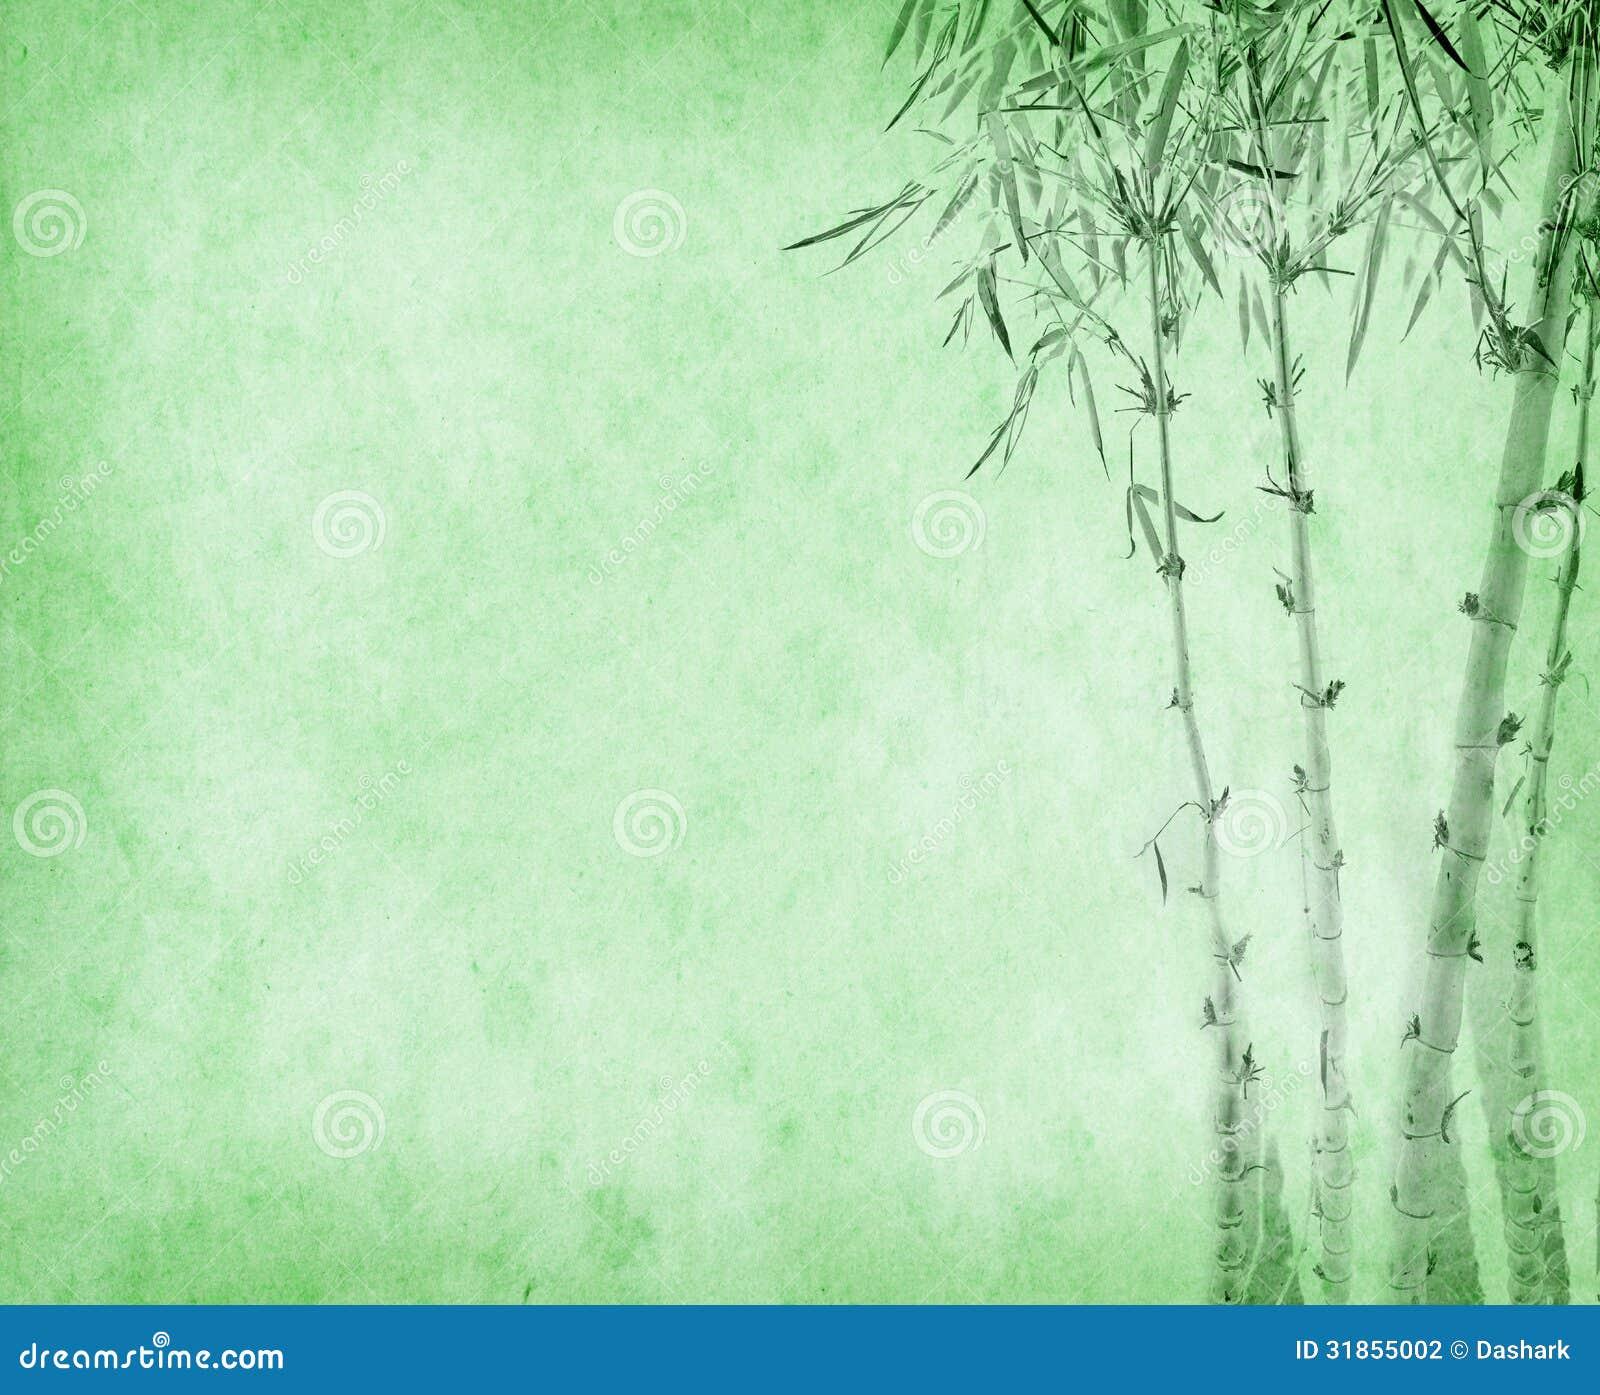 Bambou sur la vieille texture de papier grunge - Tout sur le bambou ...